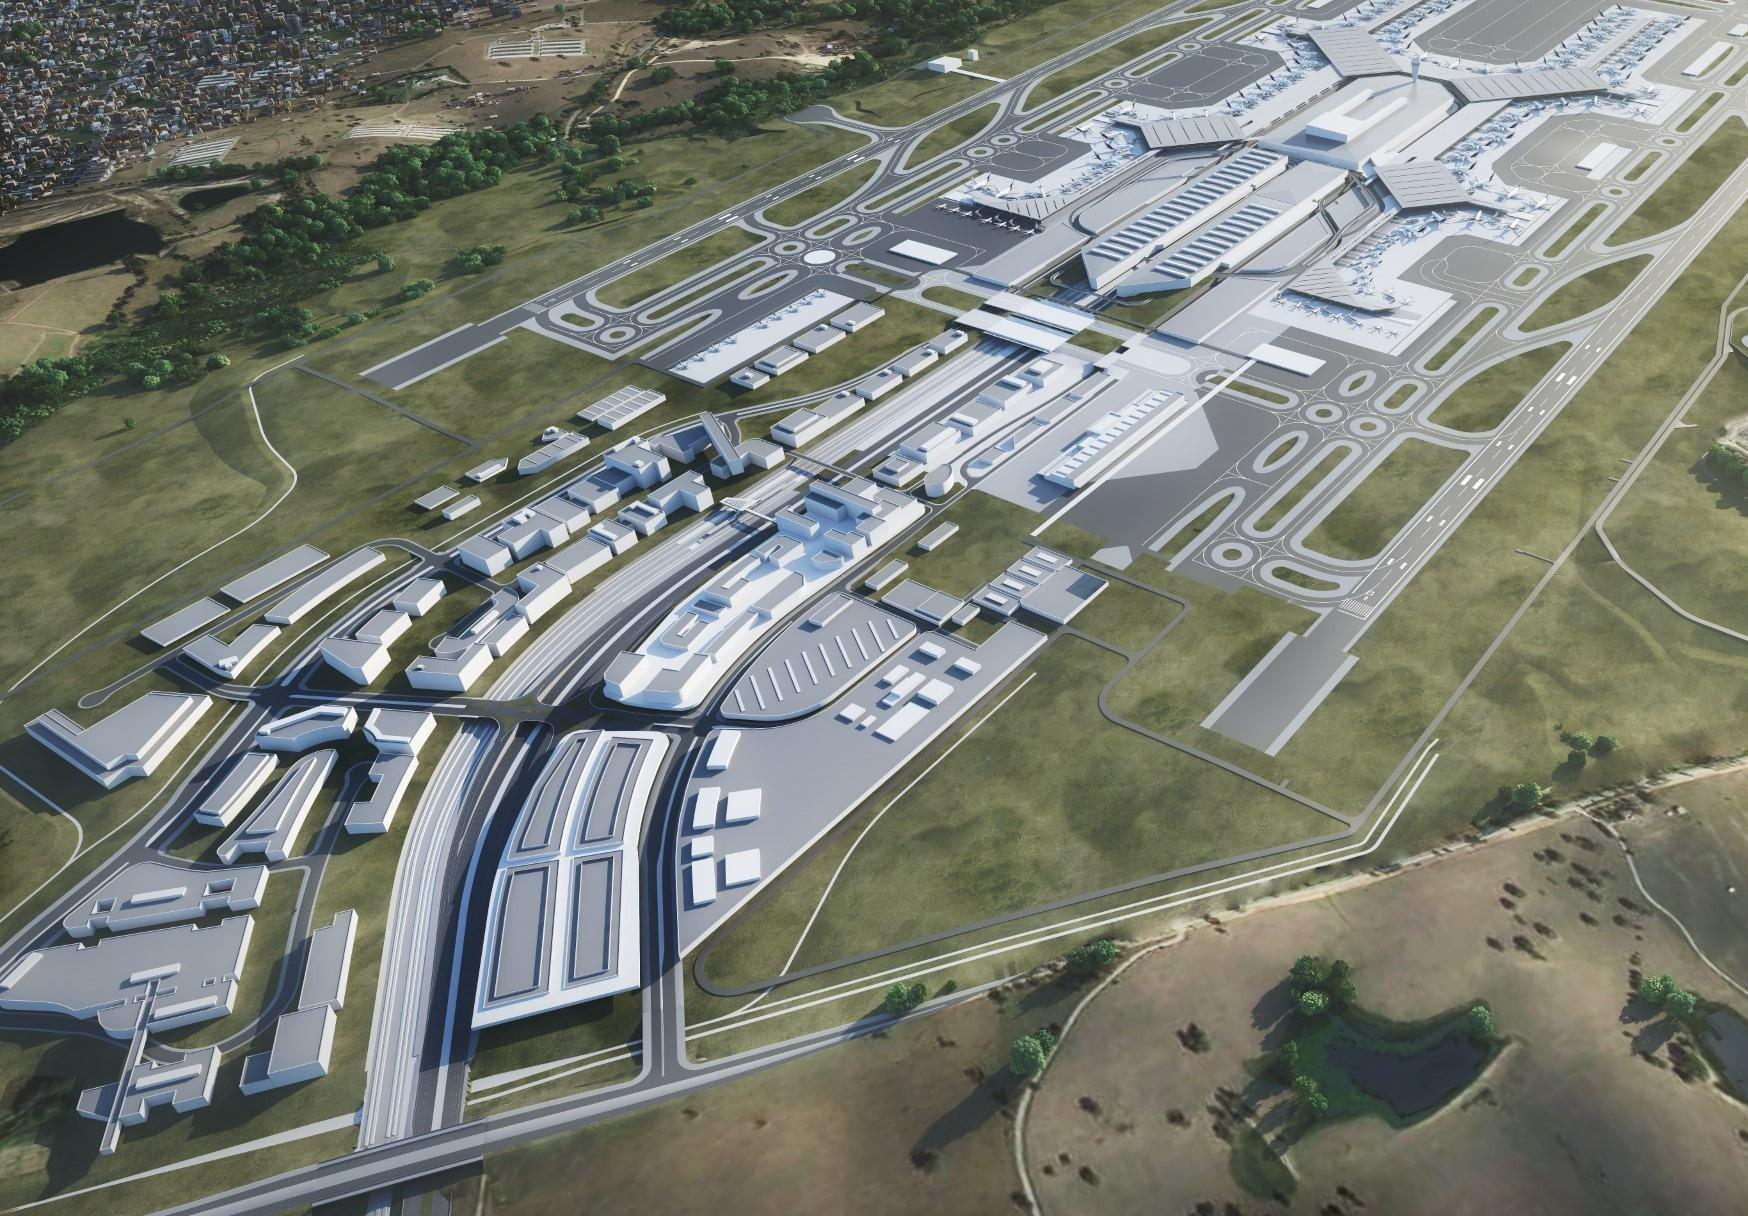 Incendio de batería obliga a evacuar terminal internacional del aeropuerto de Sydney